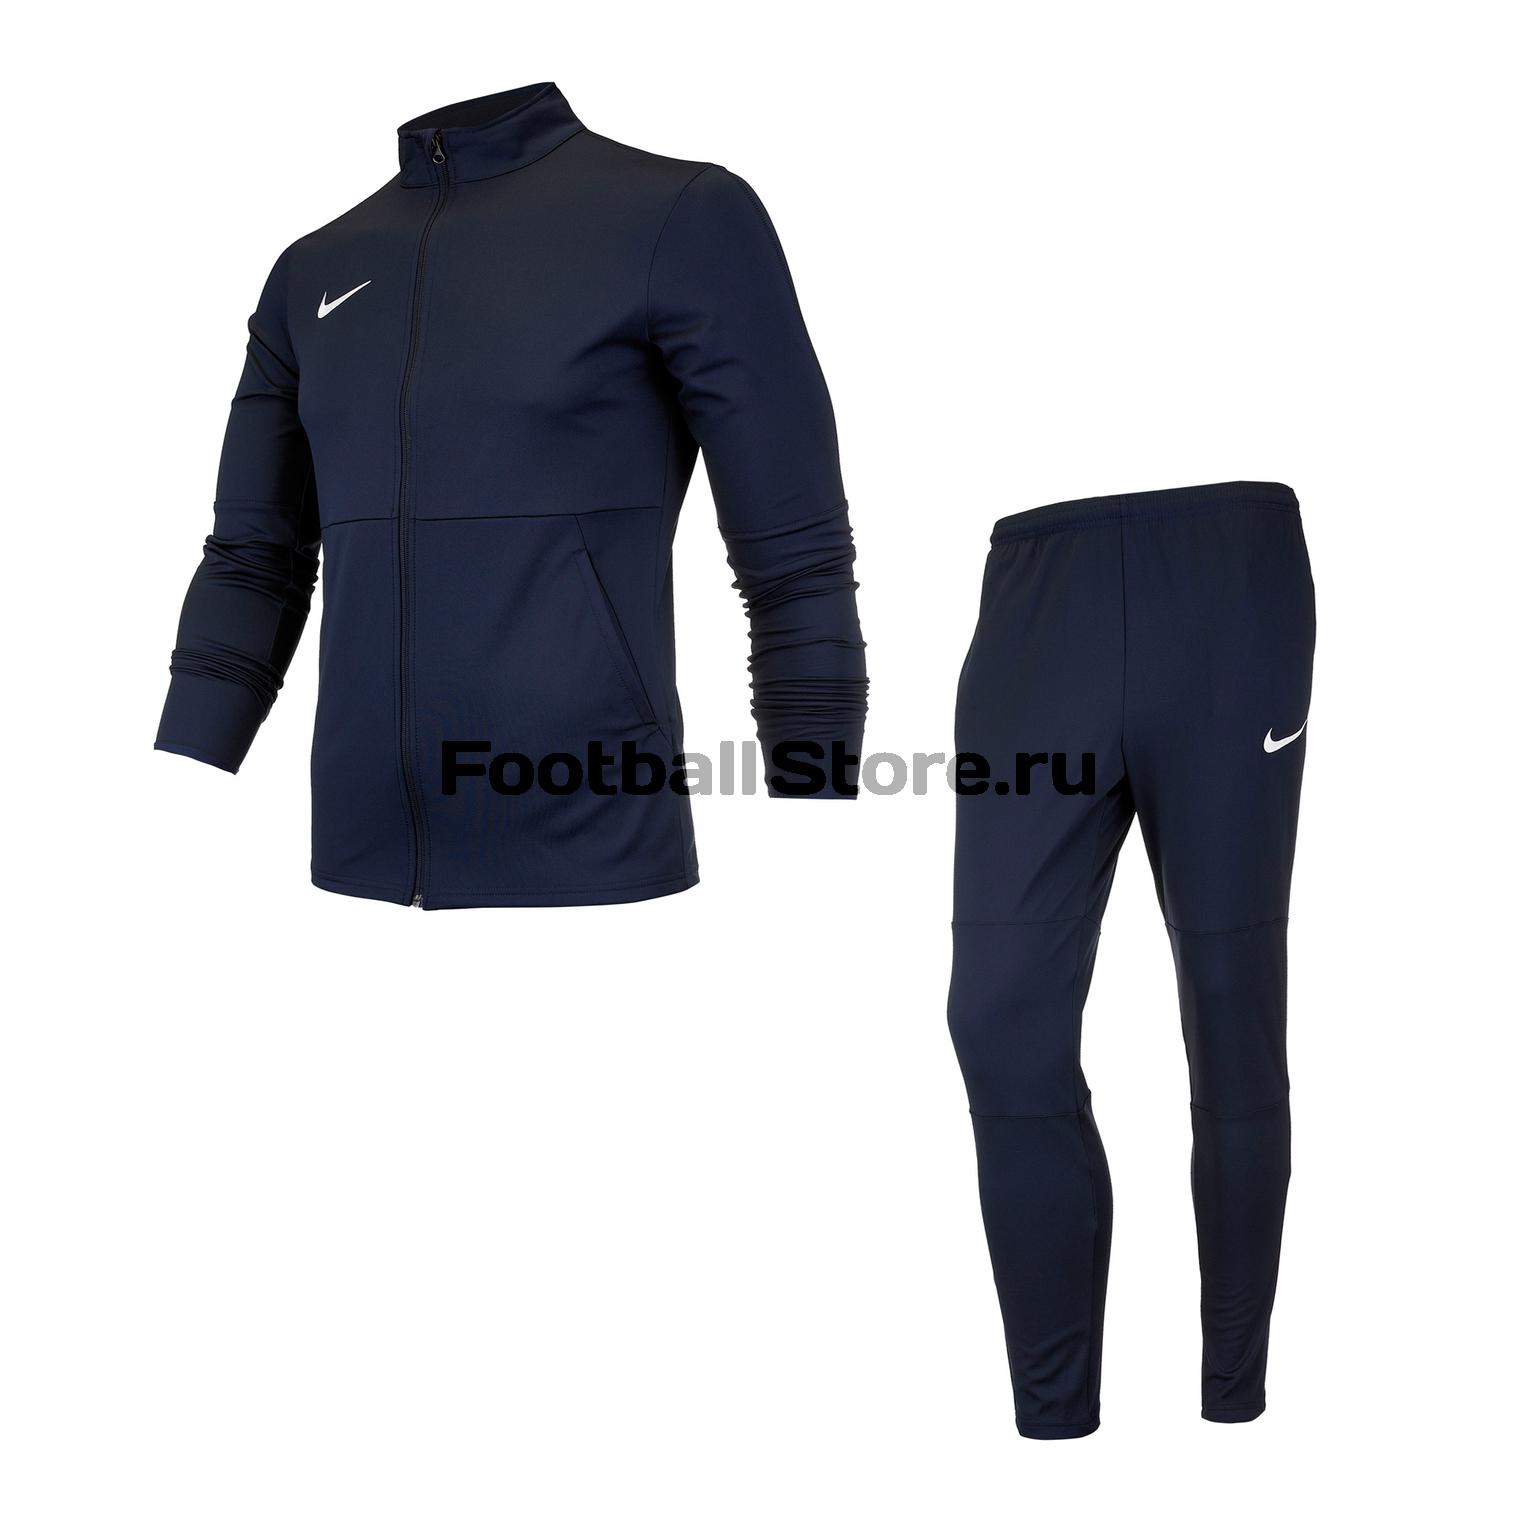 Костюм спортивный Nike Dry Park18 AQ5065-451